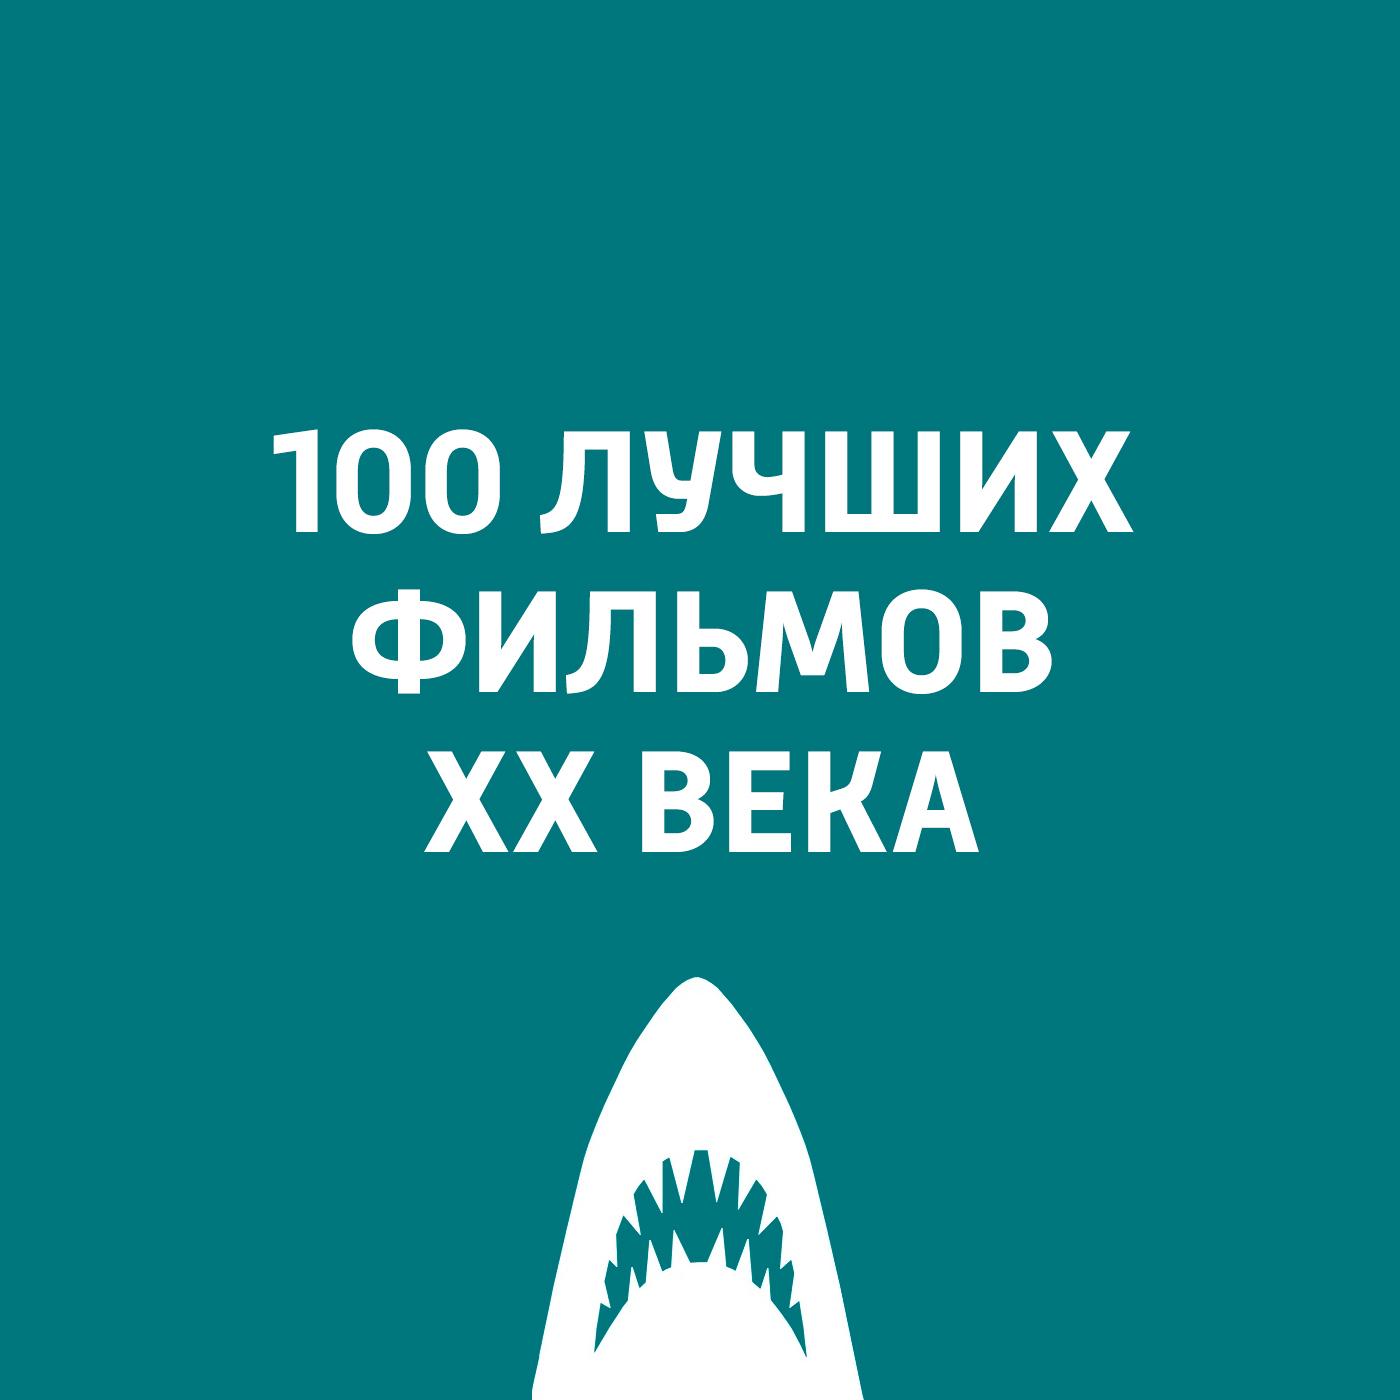 Антон Долин Касабланка е ружникова архангельский музей изобразительных искусств